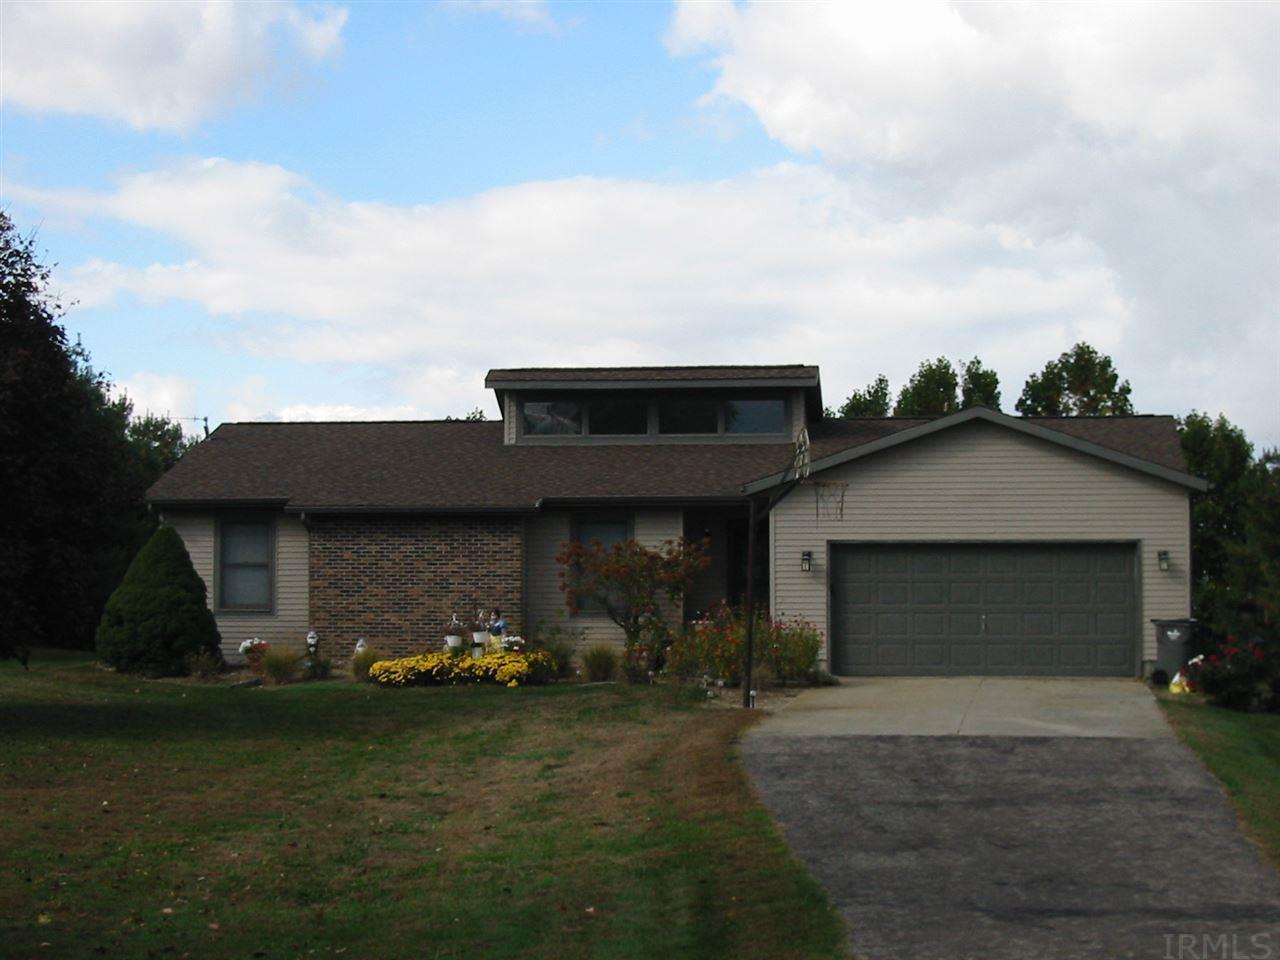 64217  County Road 35 Goshen, IN 46528